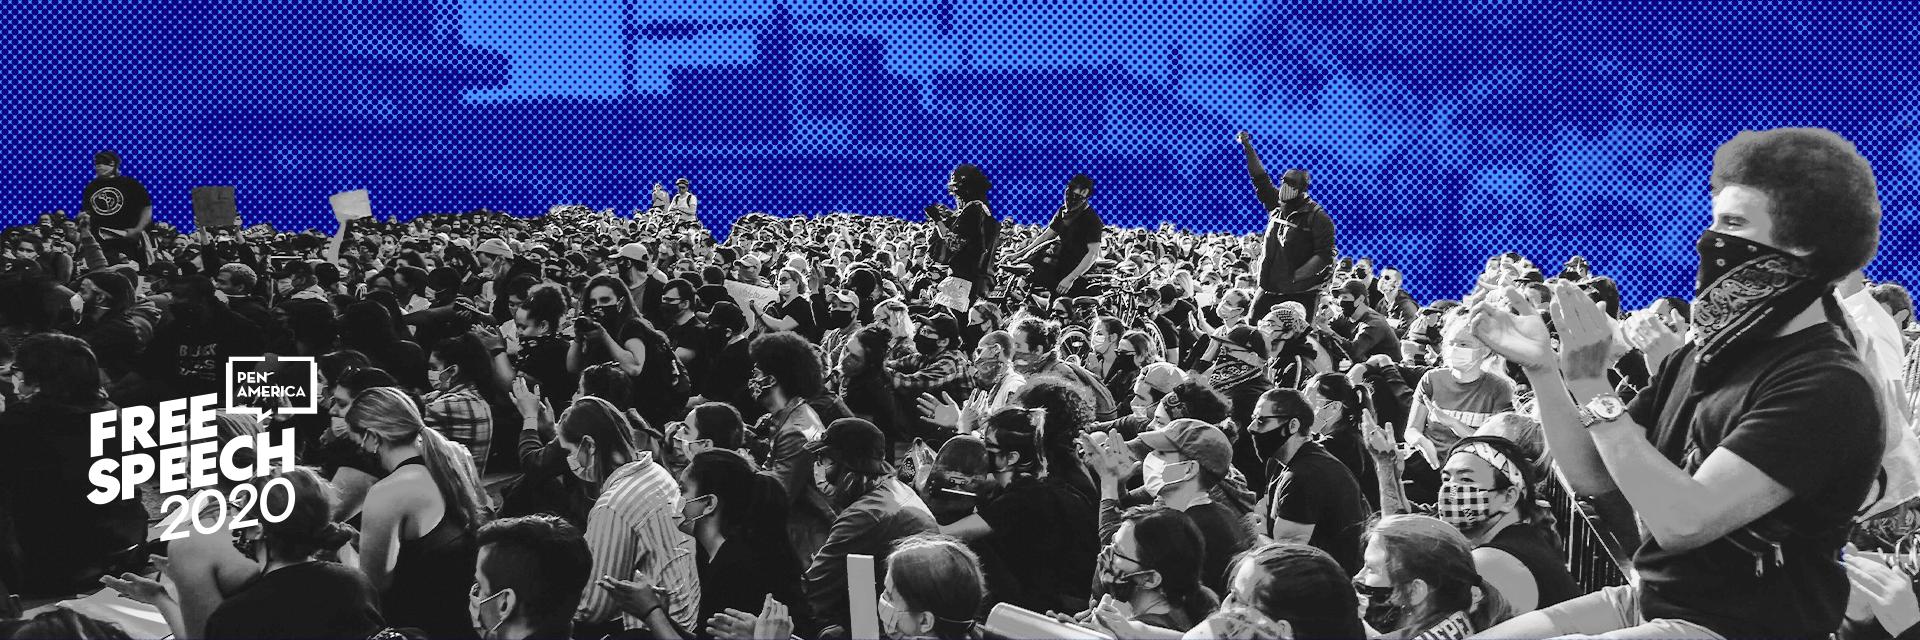 Free Speech 2020 banner